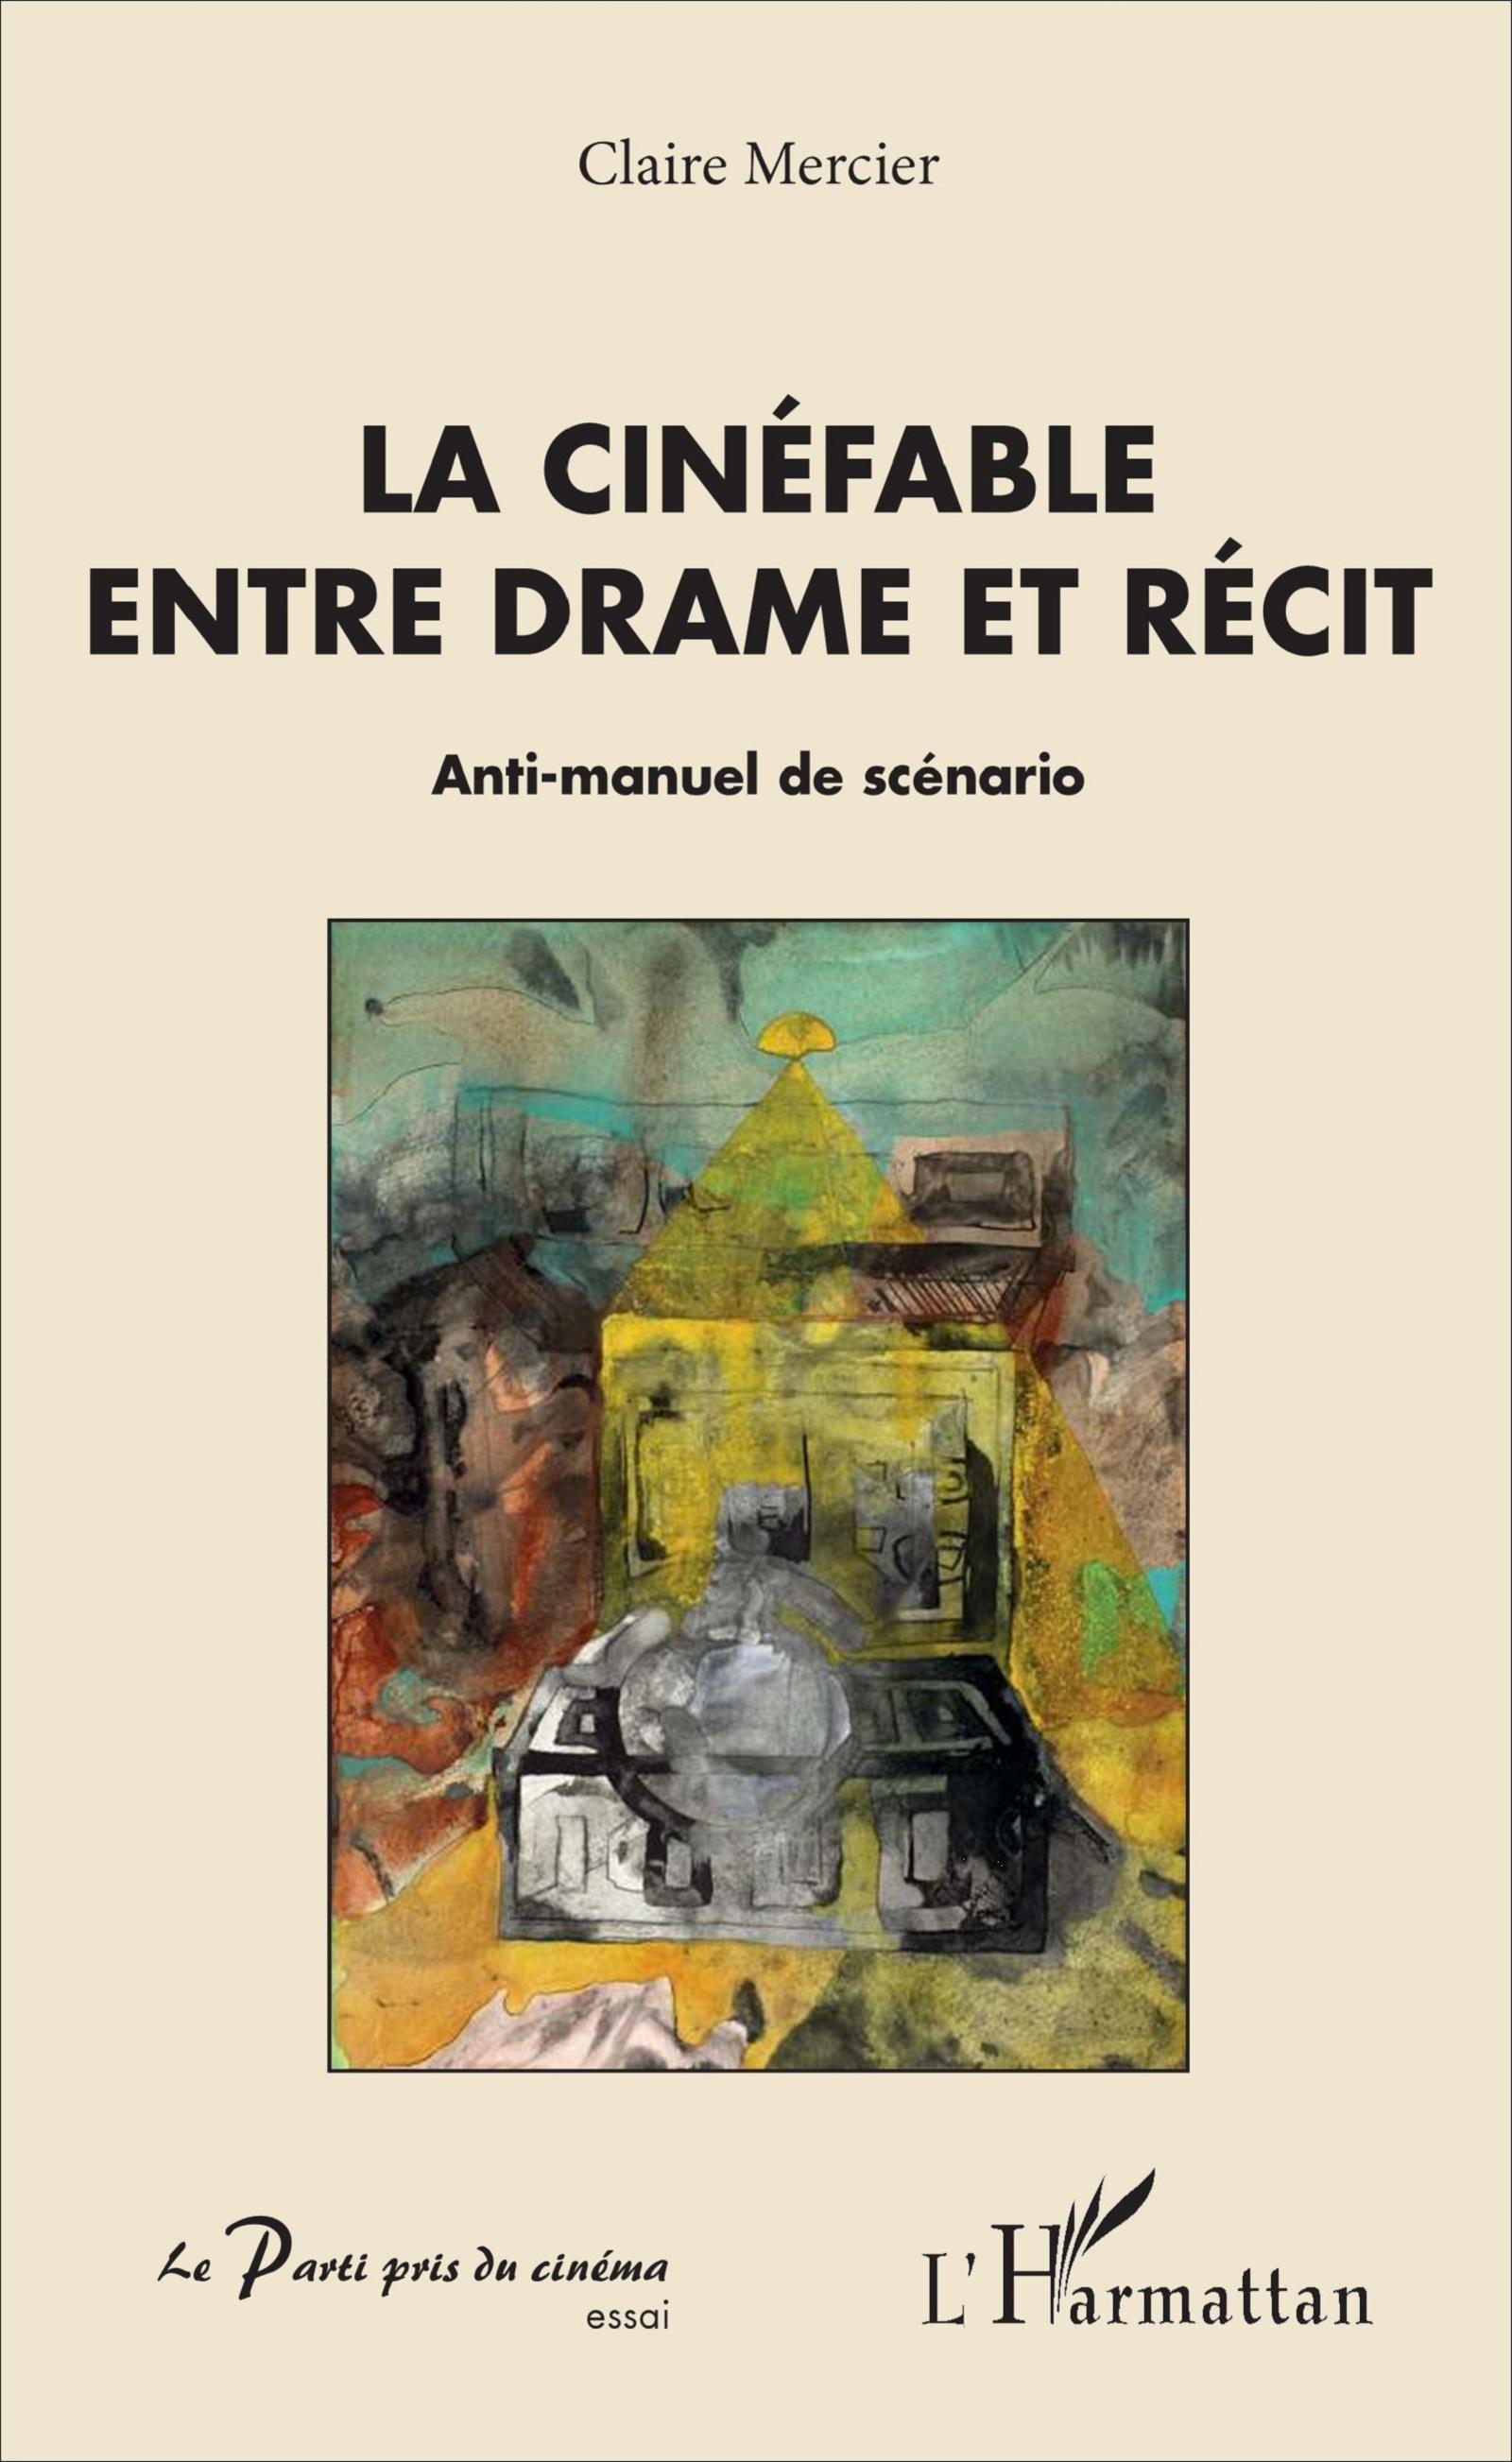 C. Mercier, La cinéfable entre drame et récit. Antimanuel de scénario